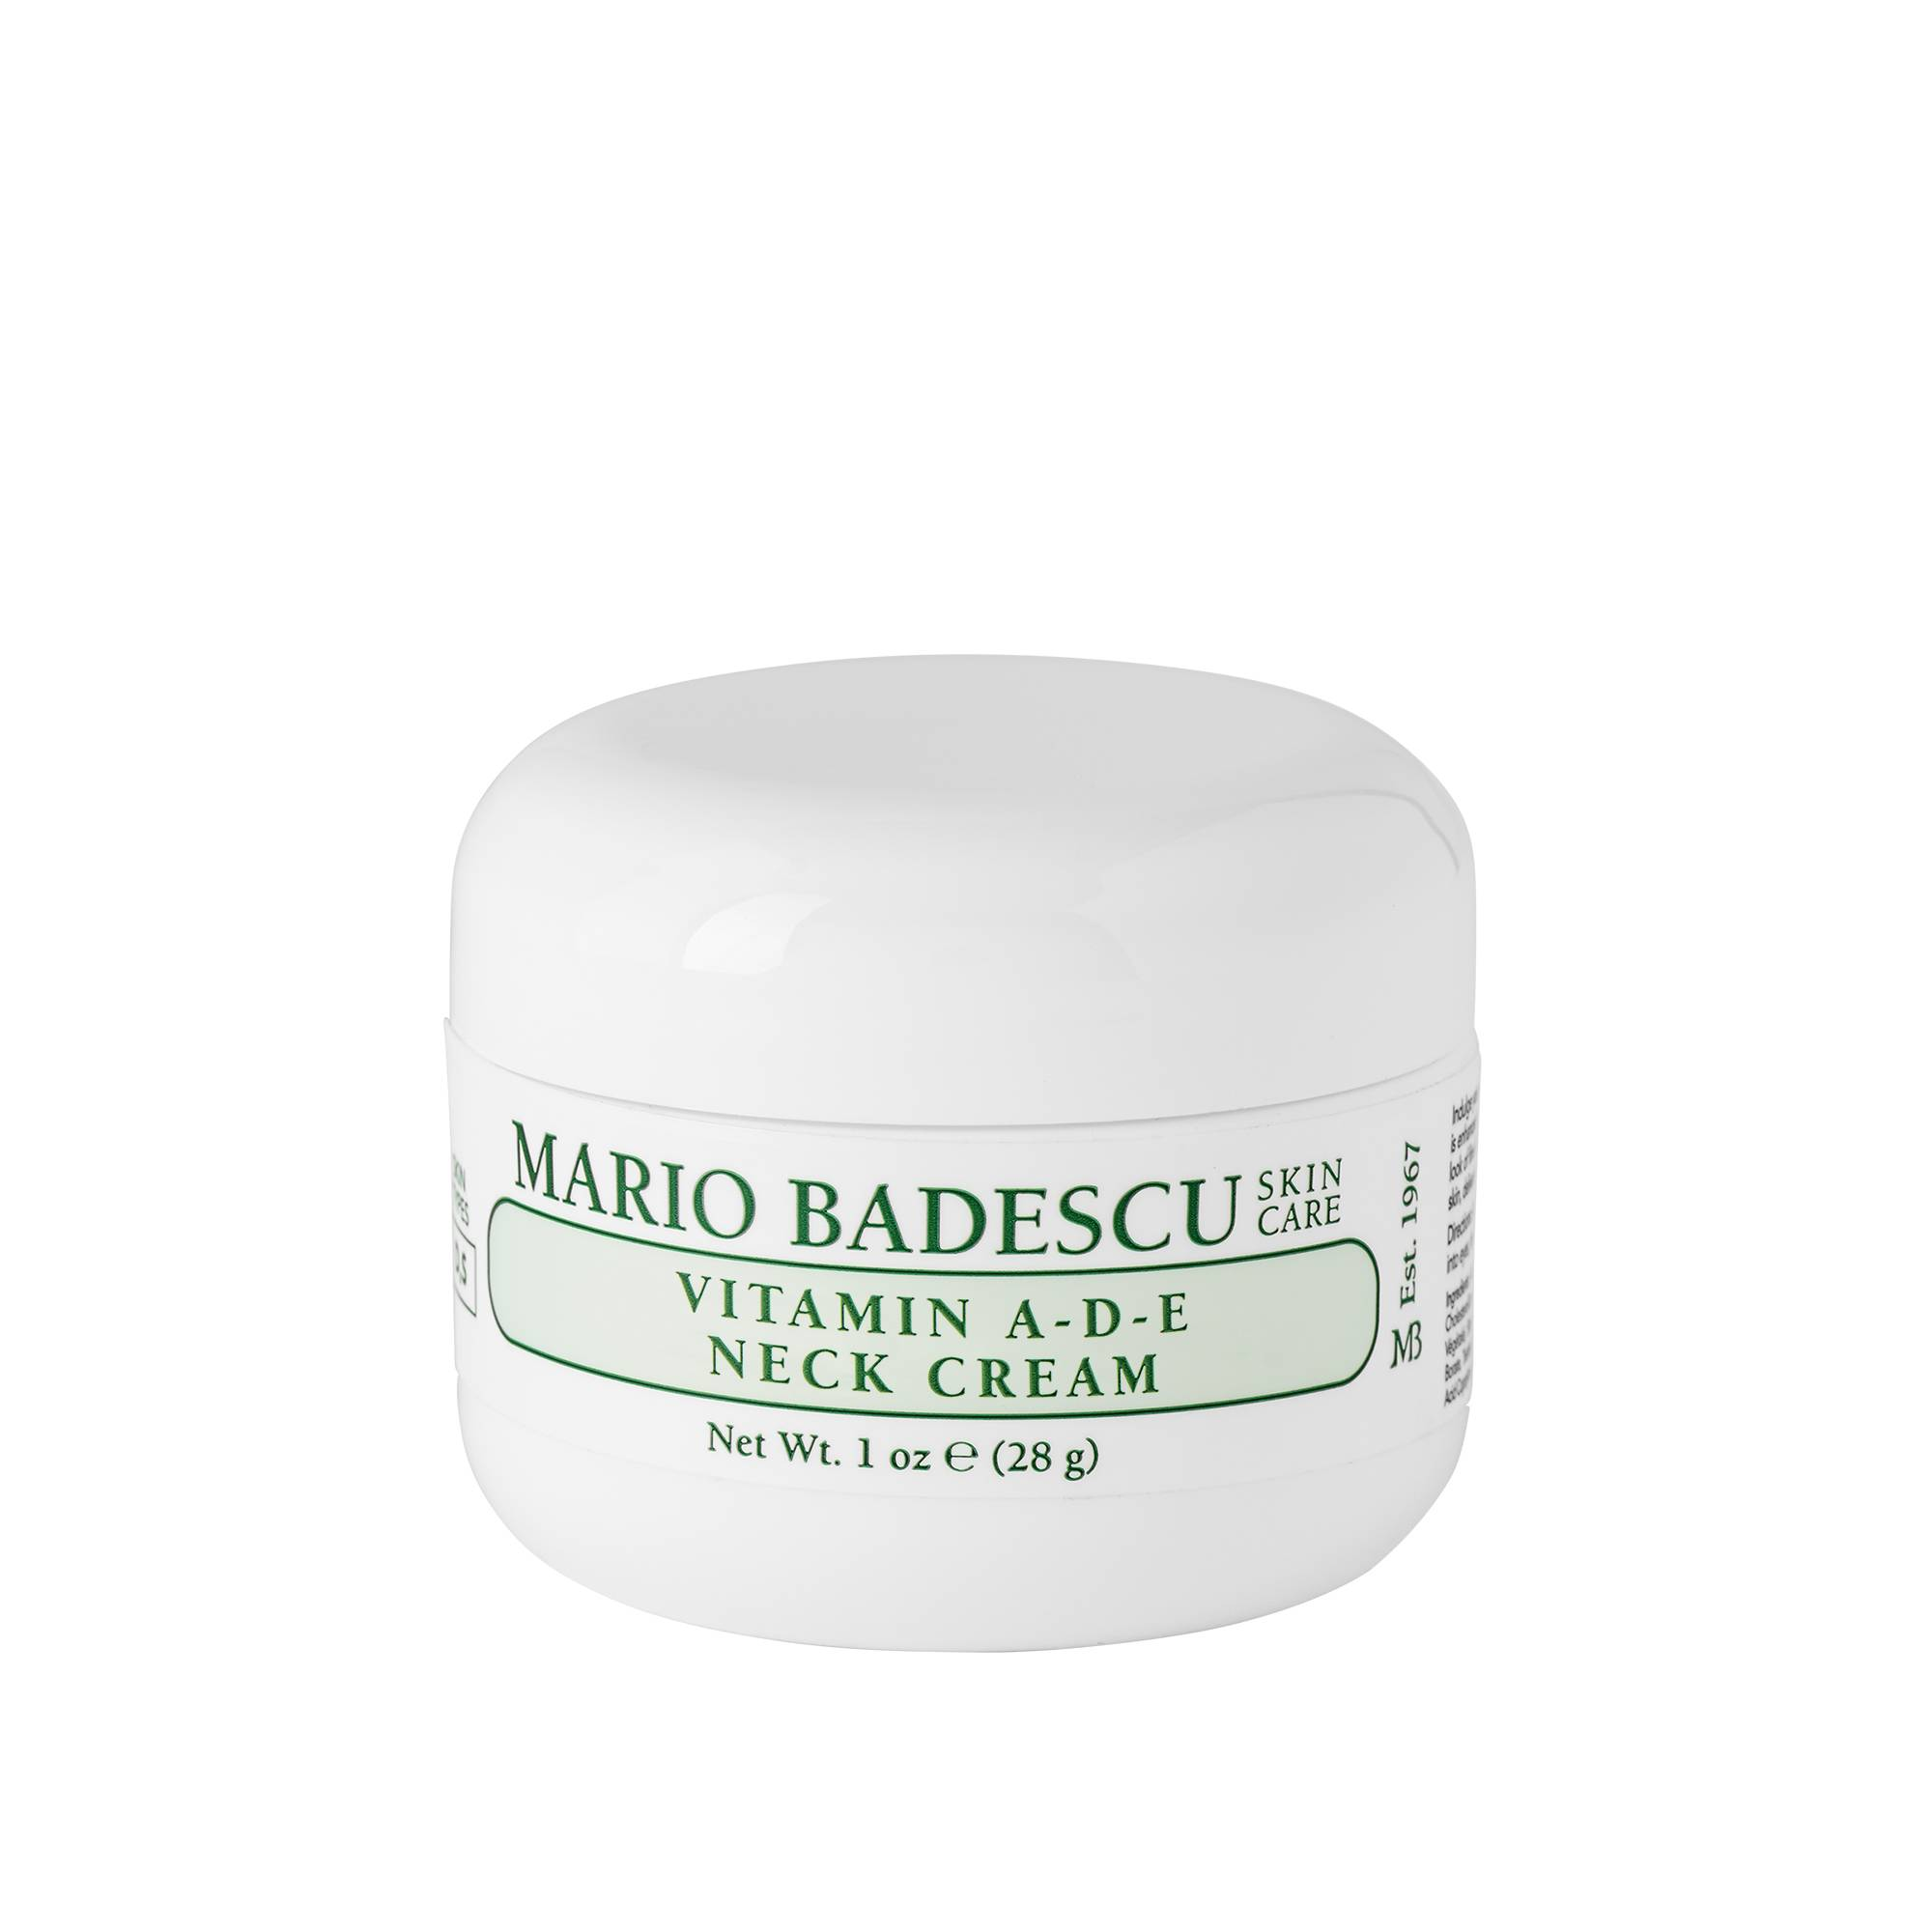 Mario Badescu Vitamin A D E Neck Cream 28g